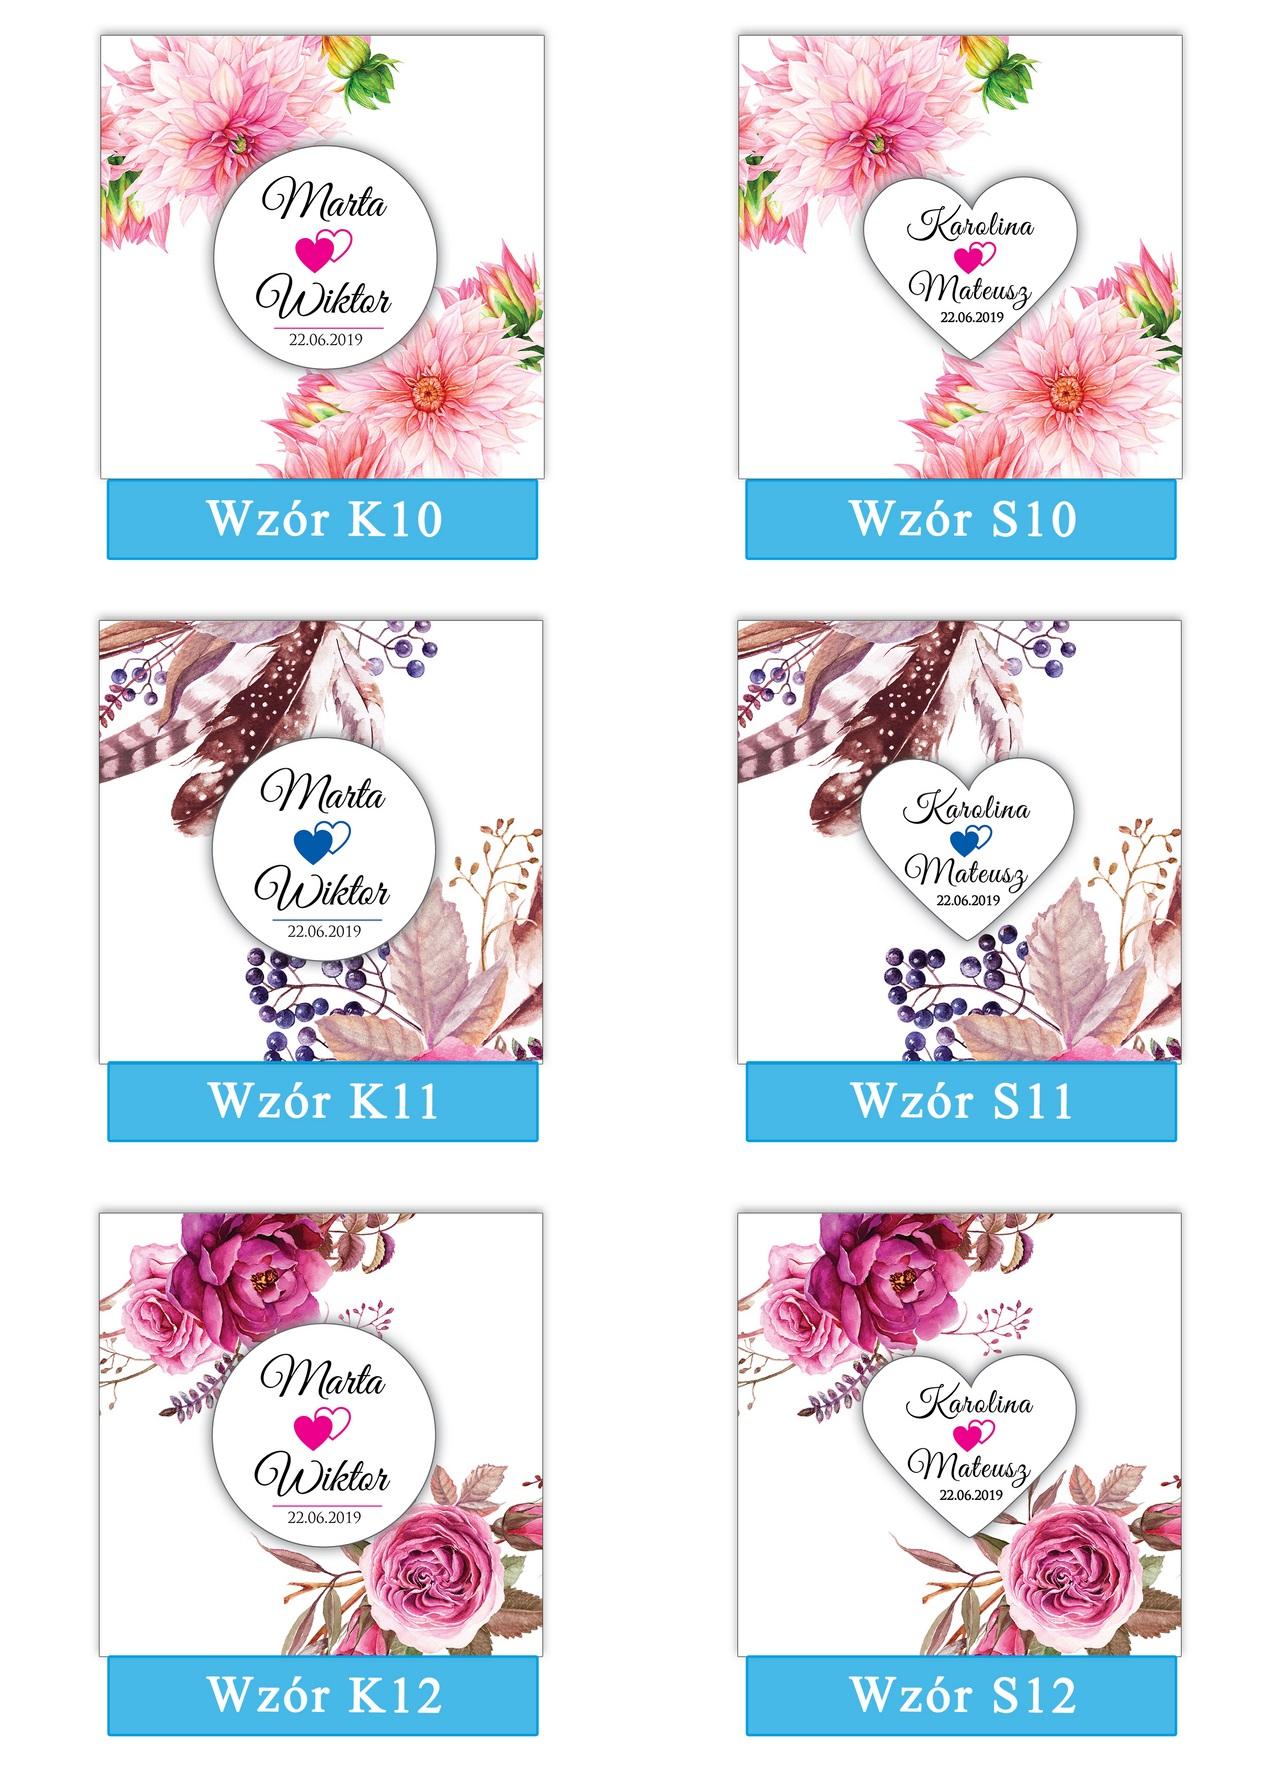 zaproszenia-ślubne-boho-rustykalne-kwiatowe-Nikola-ze-wstążką-kwiaty boho-plansza-wzory10-12